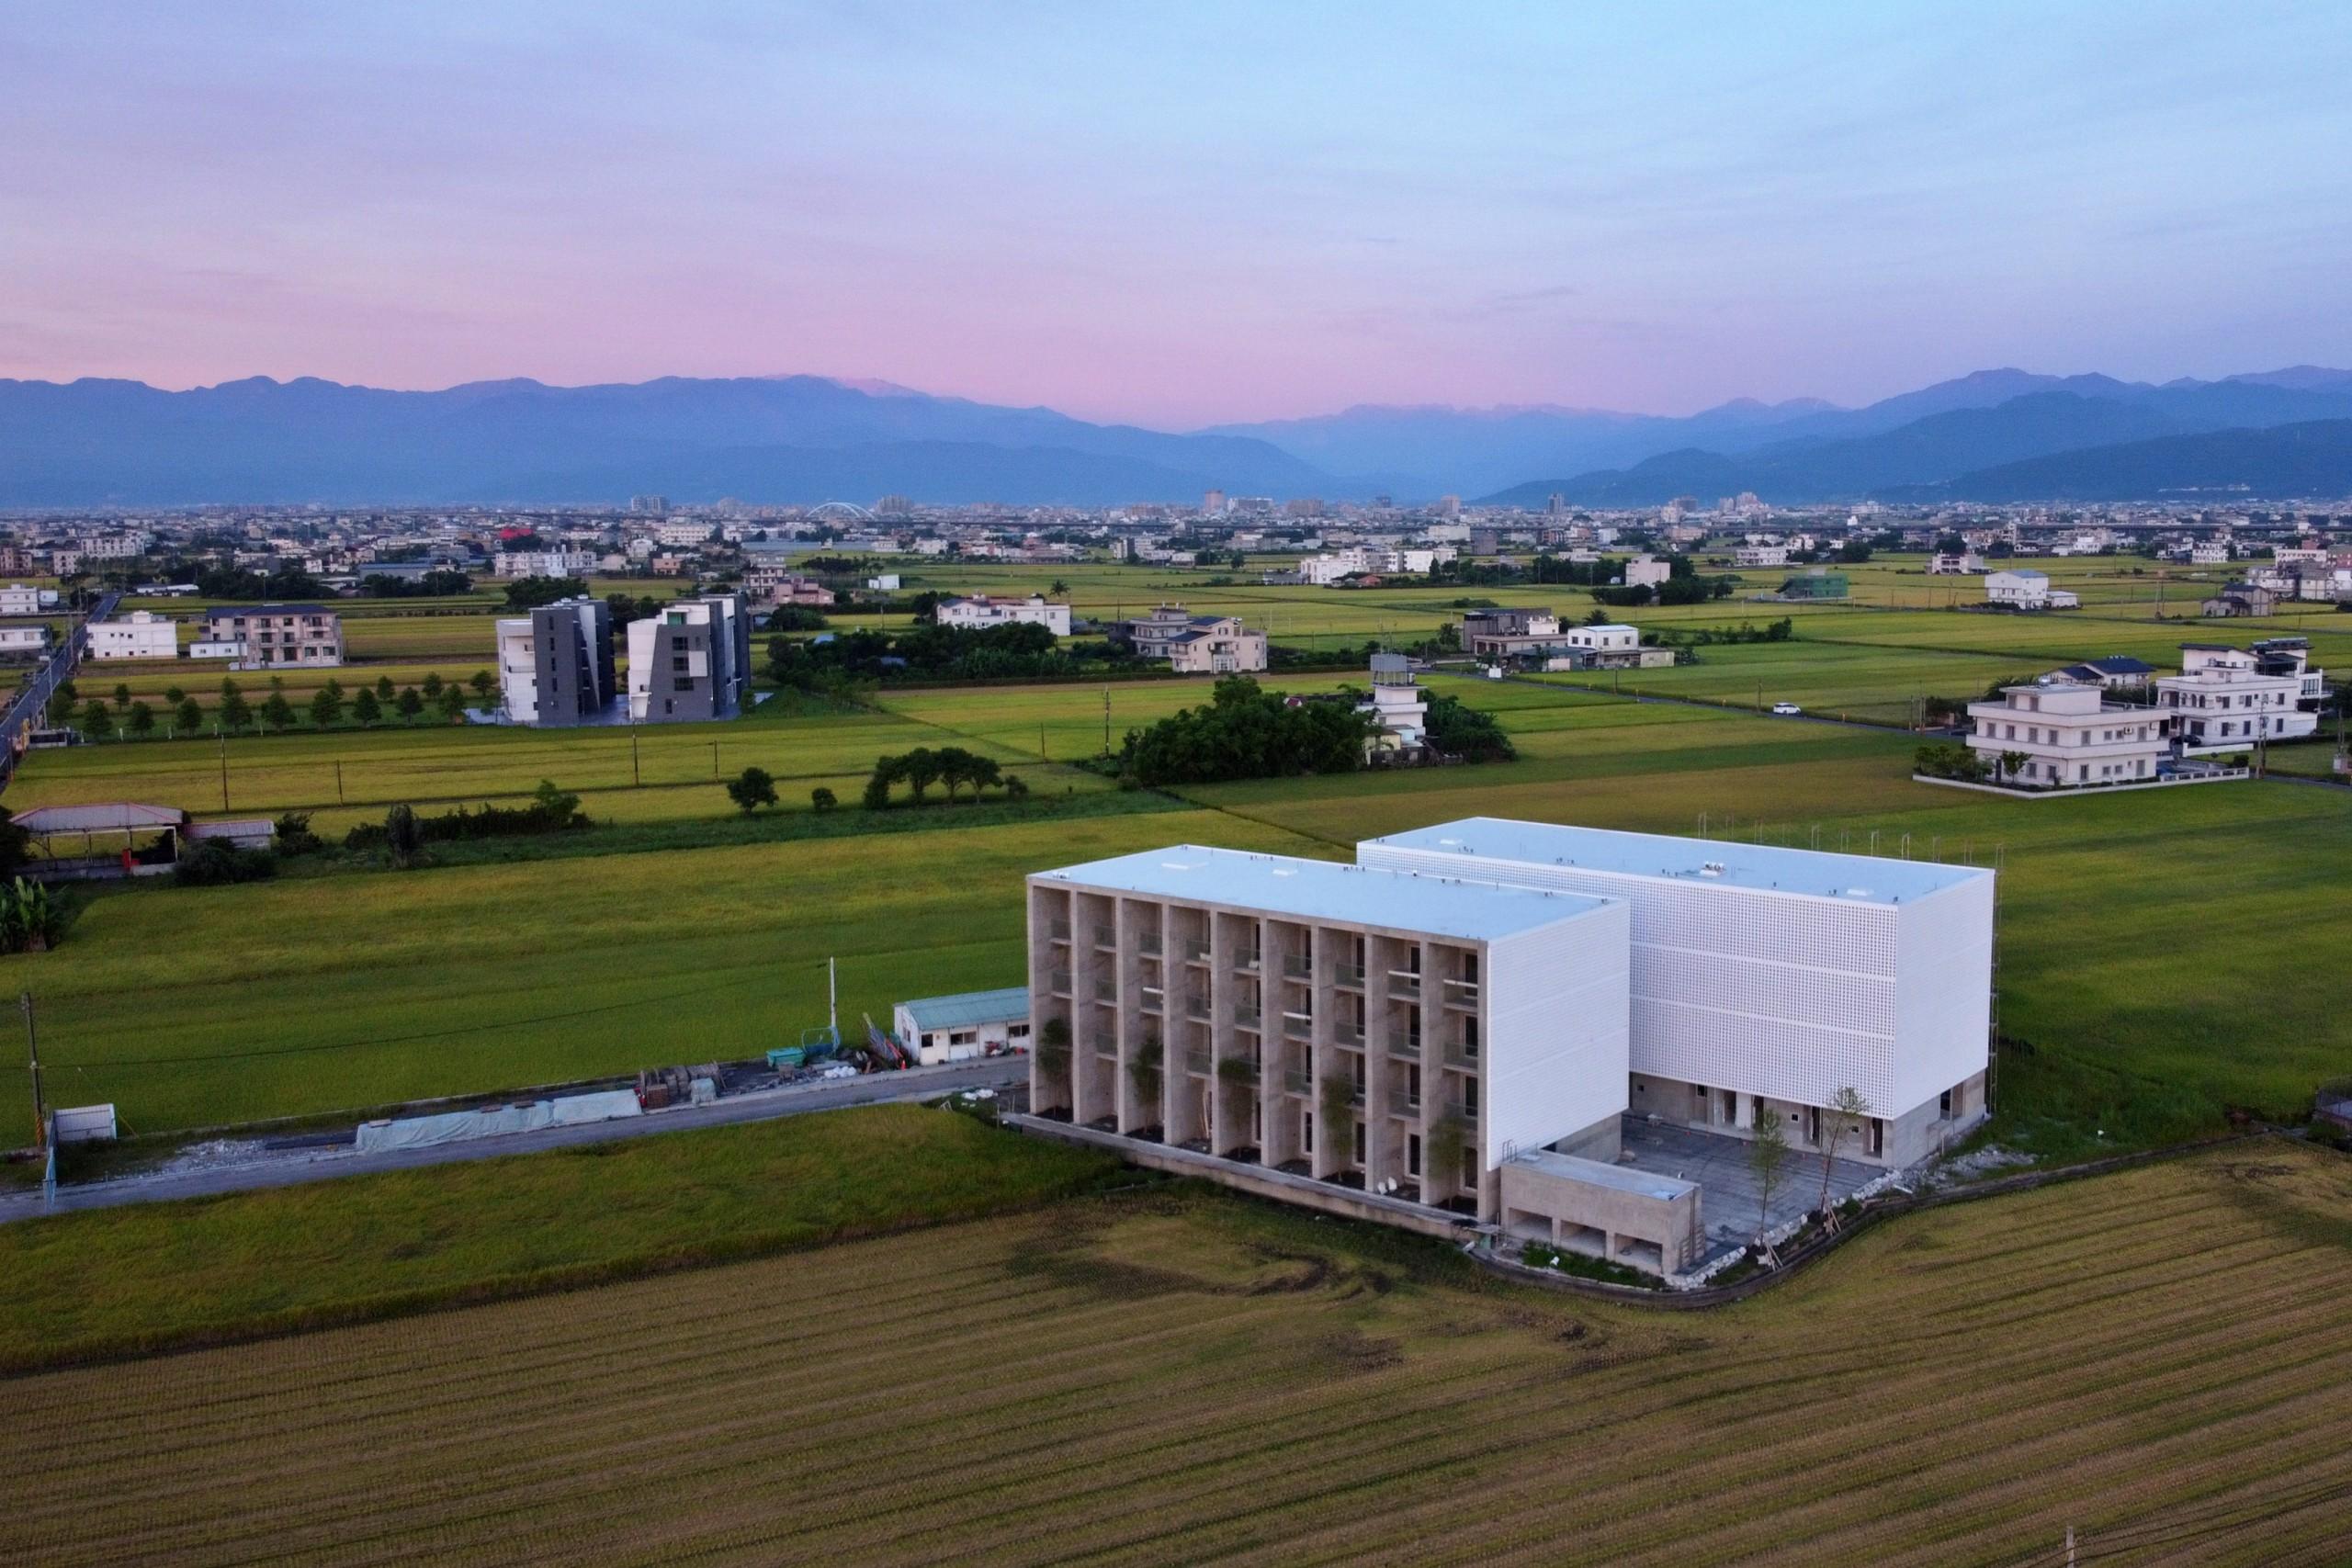 德築-DEZU-project-Zutian-architecture-real-estate-sunrise-3